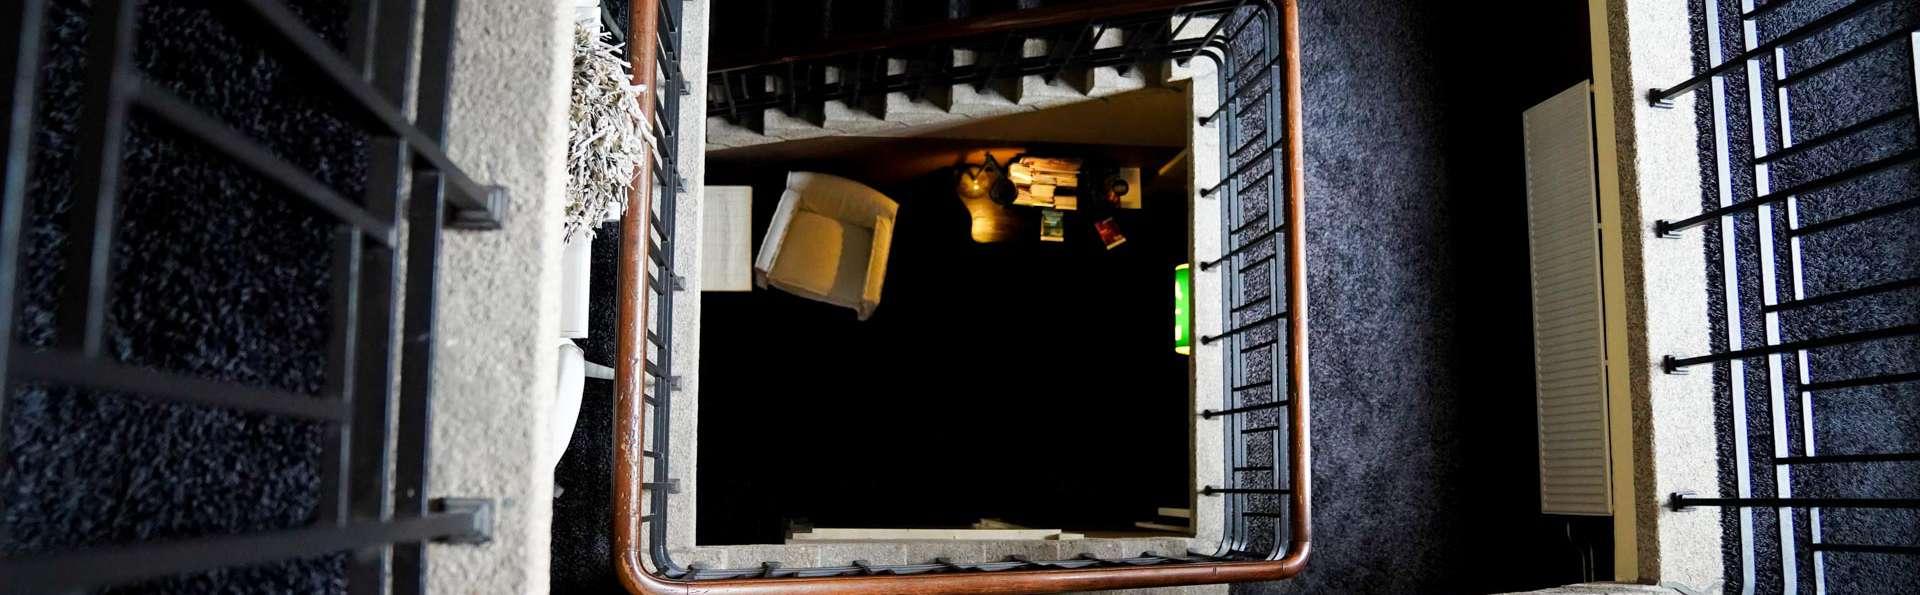 Hotel Huis van Bewaring - EDIT_NEW_HALL_03.jpg